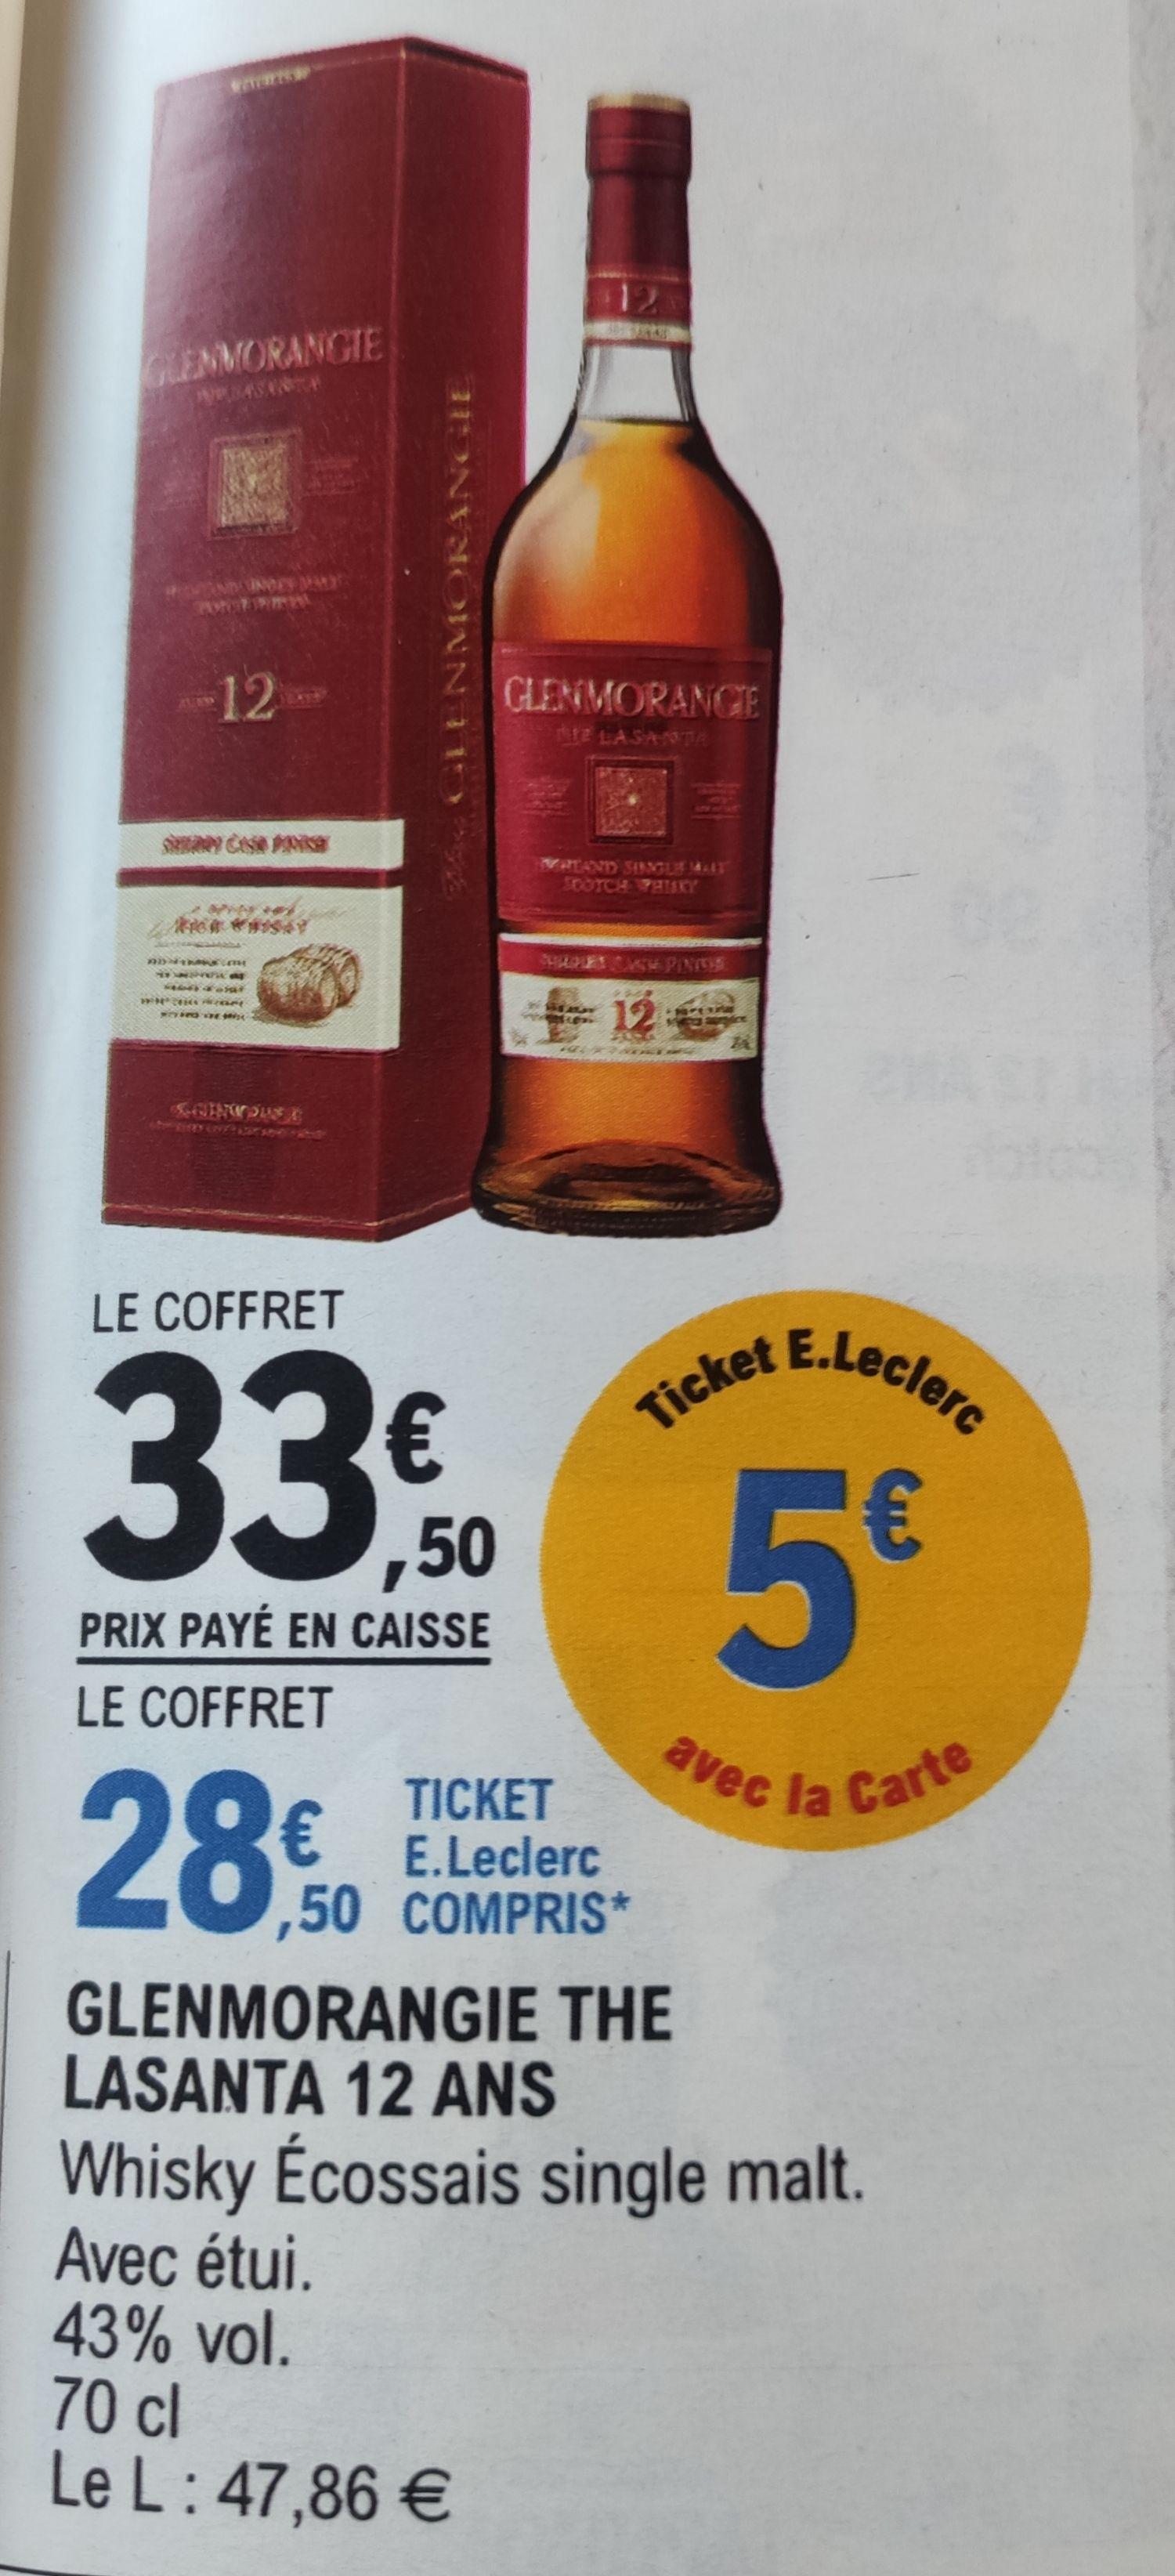 Sélection d'articles en promotion - Ex: Bourbon Glenmorangie the Lasanta 12 ans (via 5€ sur la carte fidélité)